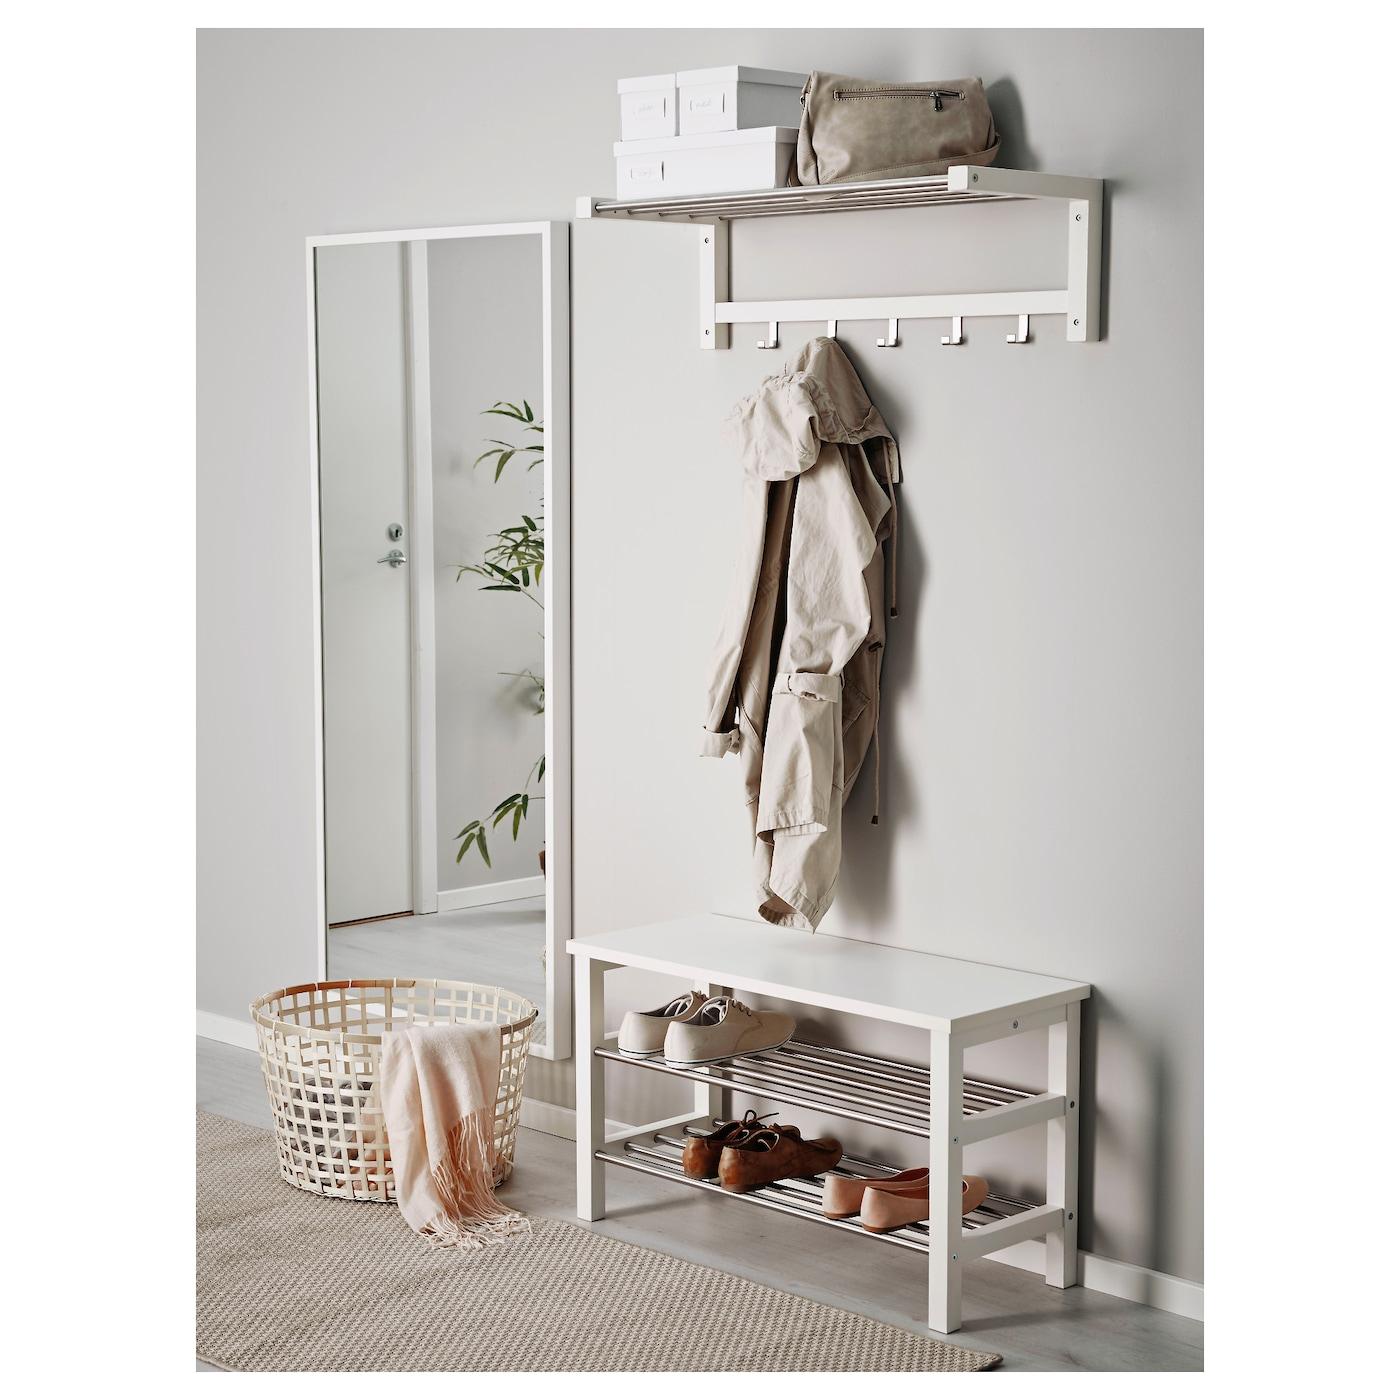 Ikea Shoe Storage Tjusig Bench With Shoe Storage White 81x50 Cm Ikea